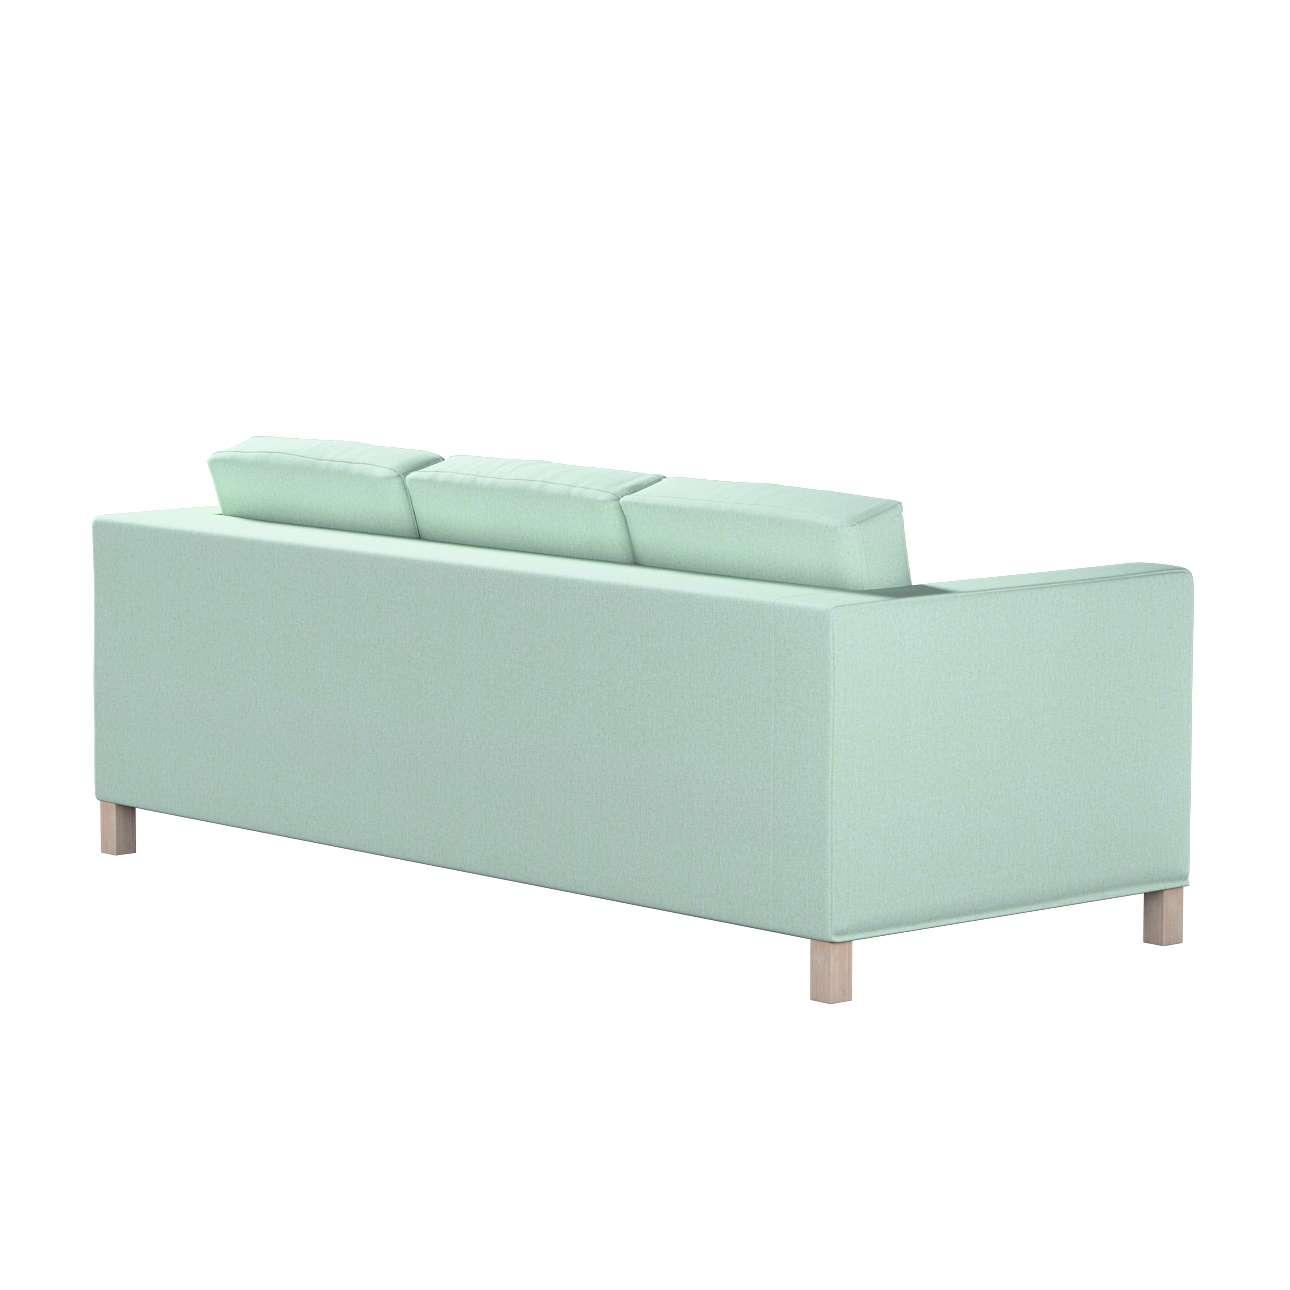 Bezug für Karlanda 3-Sitzer Sofa nicht ausklappbar, kurz von der Kollektion Living, Stoff: 161-61